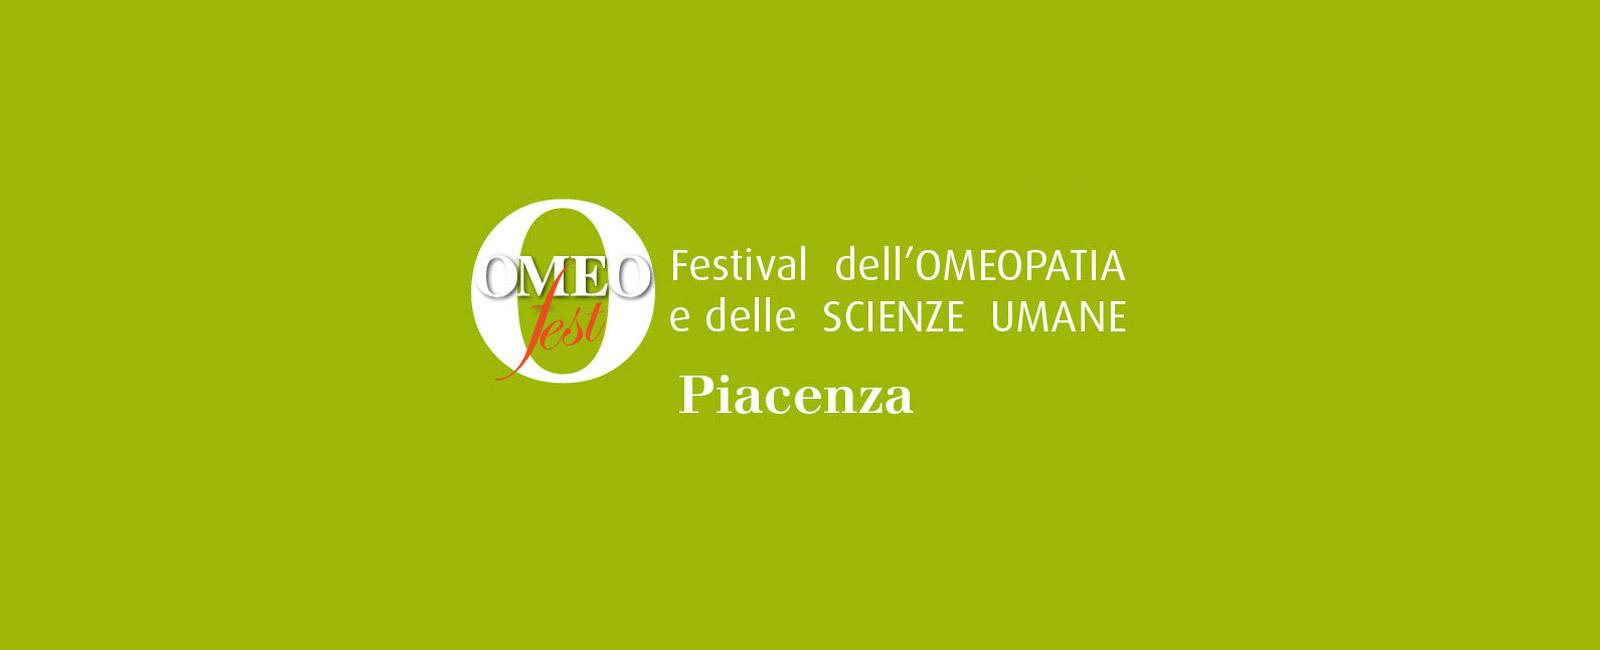 omeofest